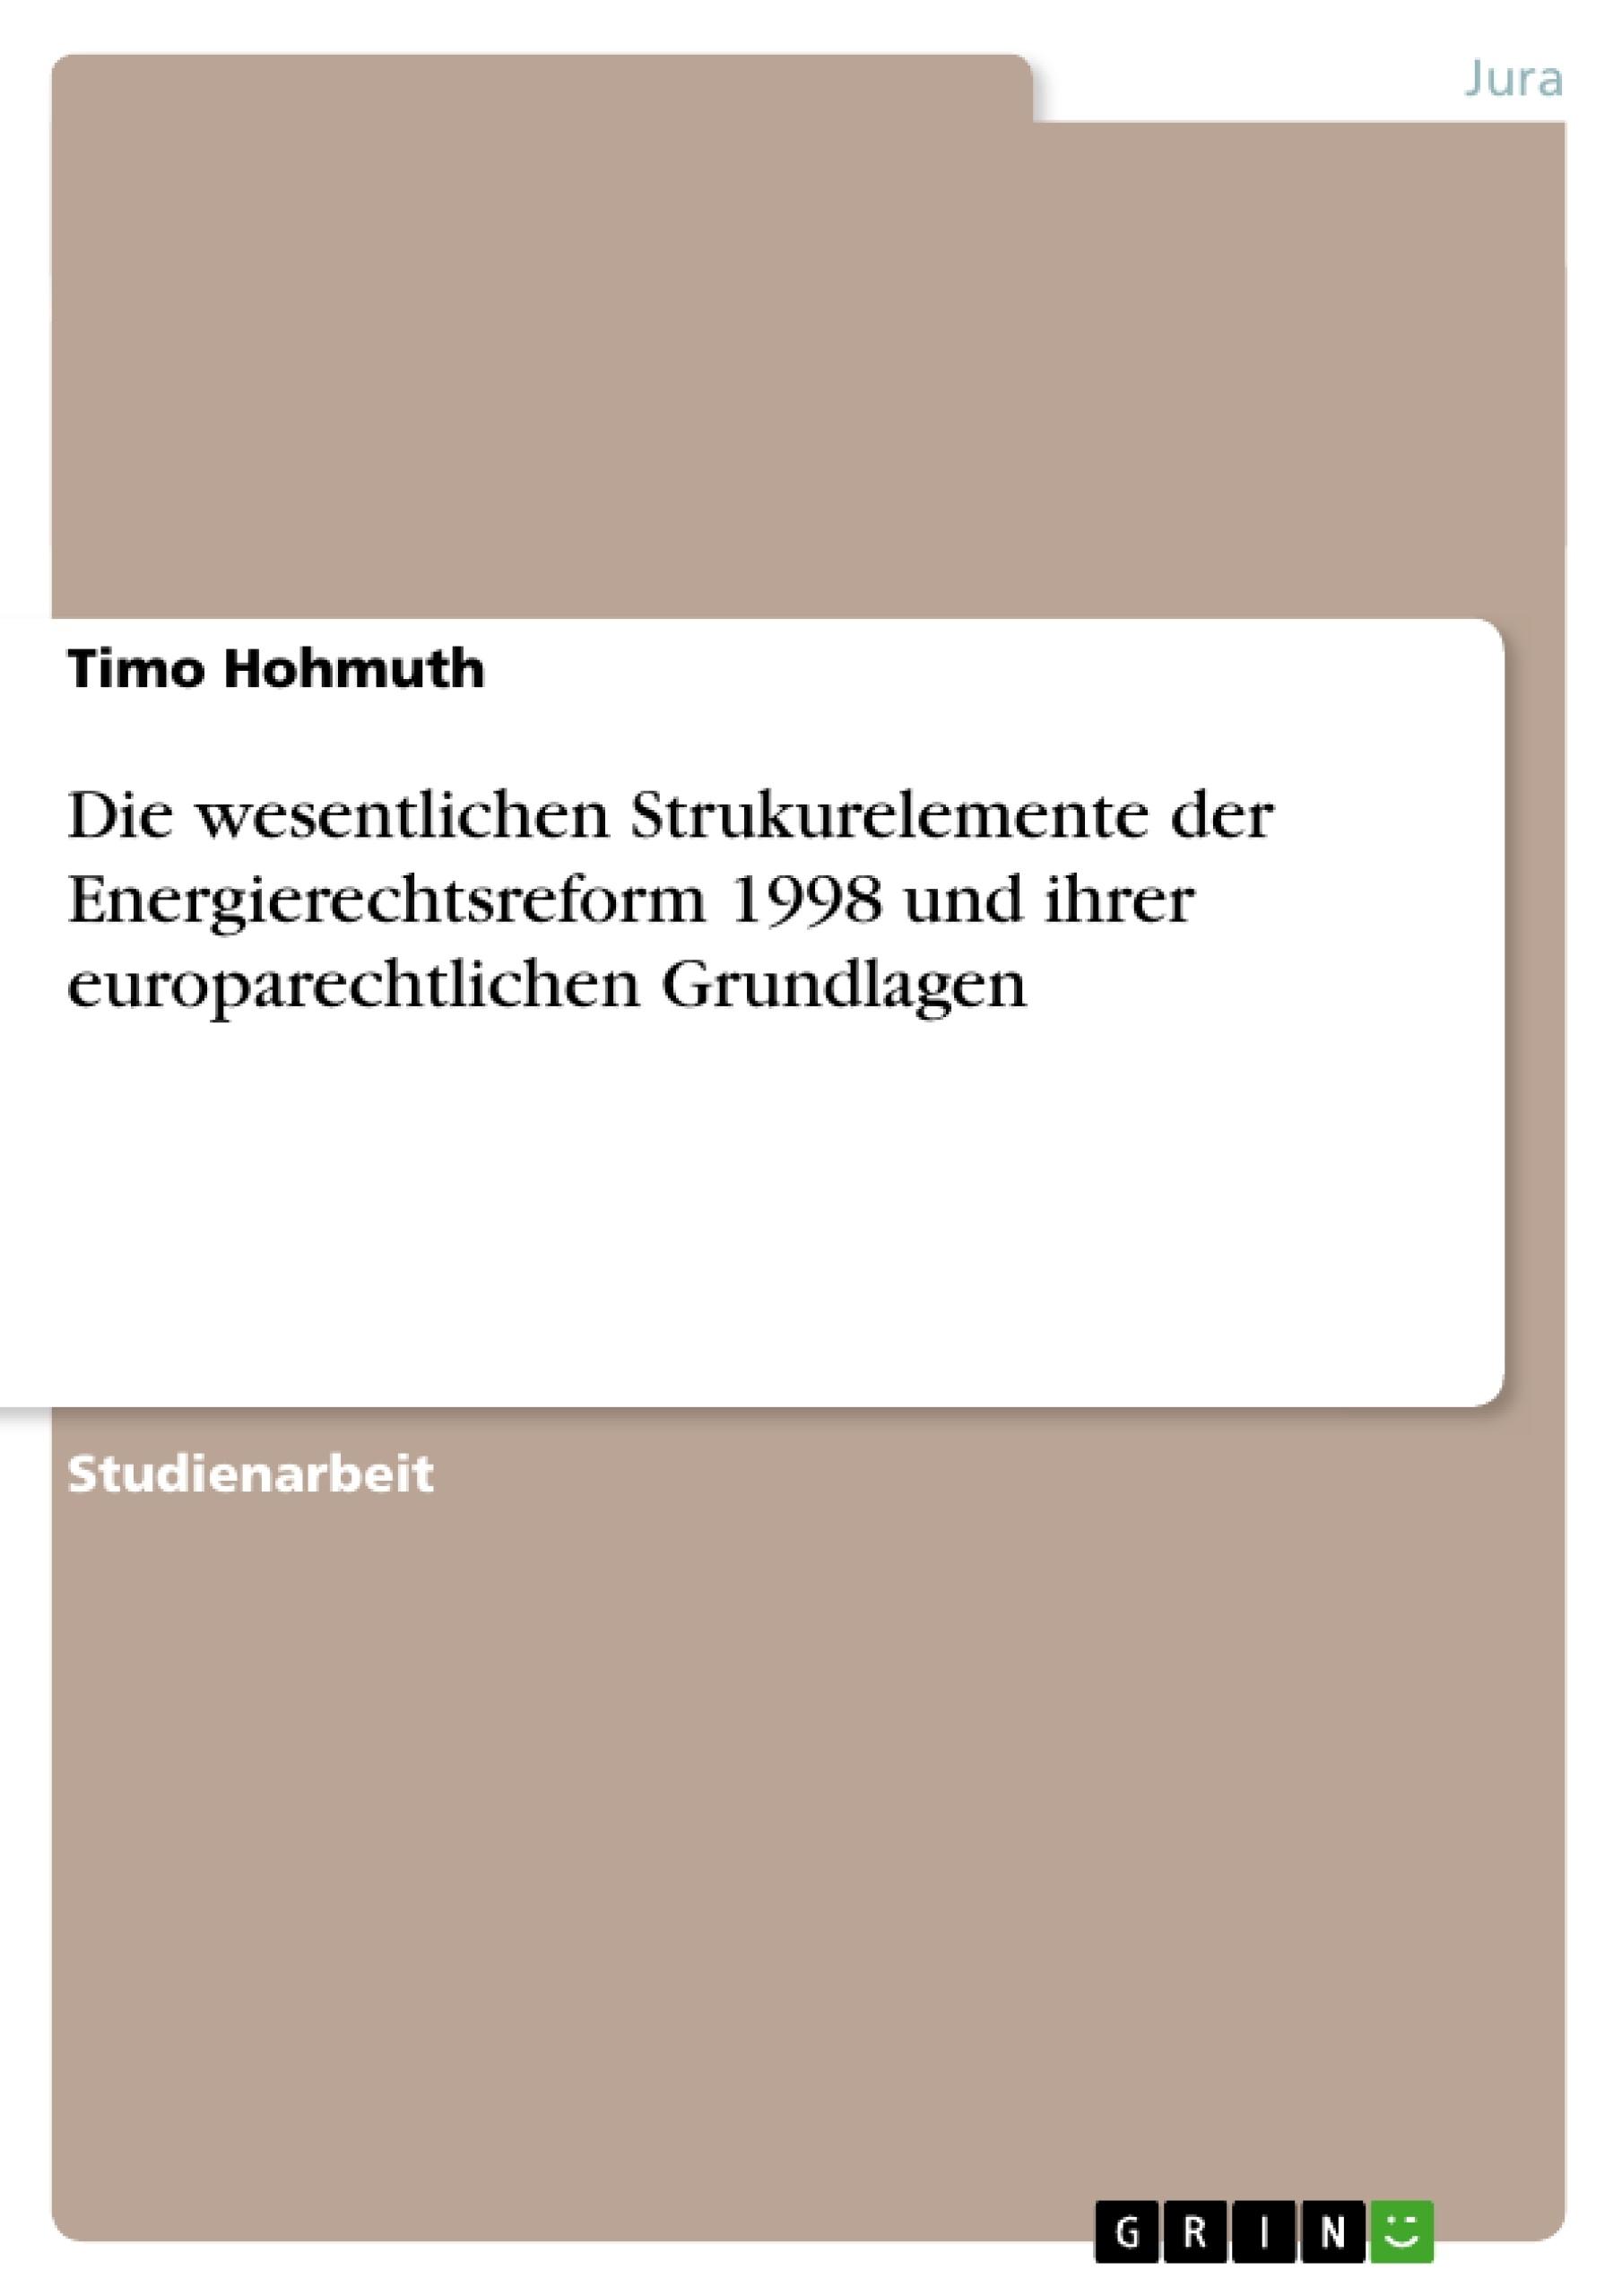 Titel: Die wesentlichen Strukurelemente der Energierechtsreform 1998 und ihrer europarechtlichen Grundlagen